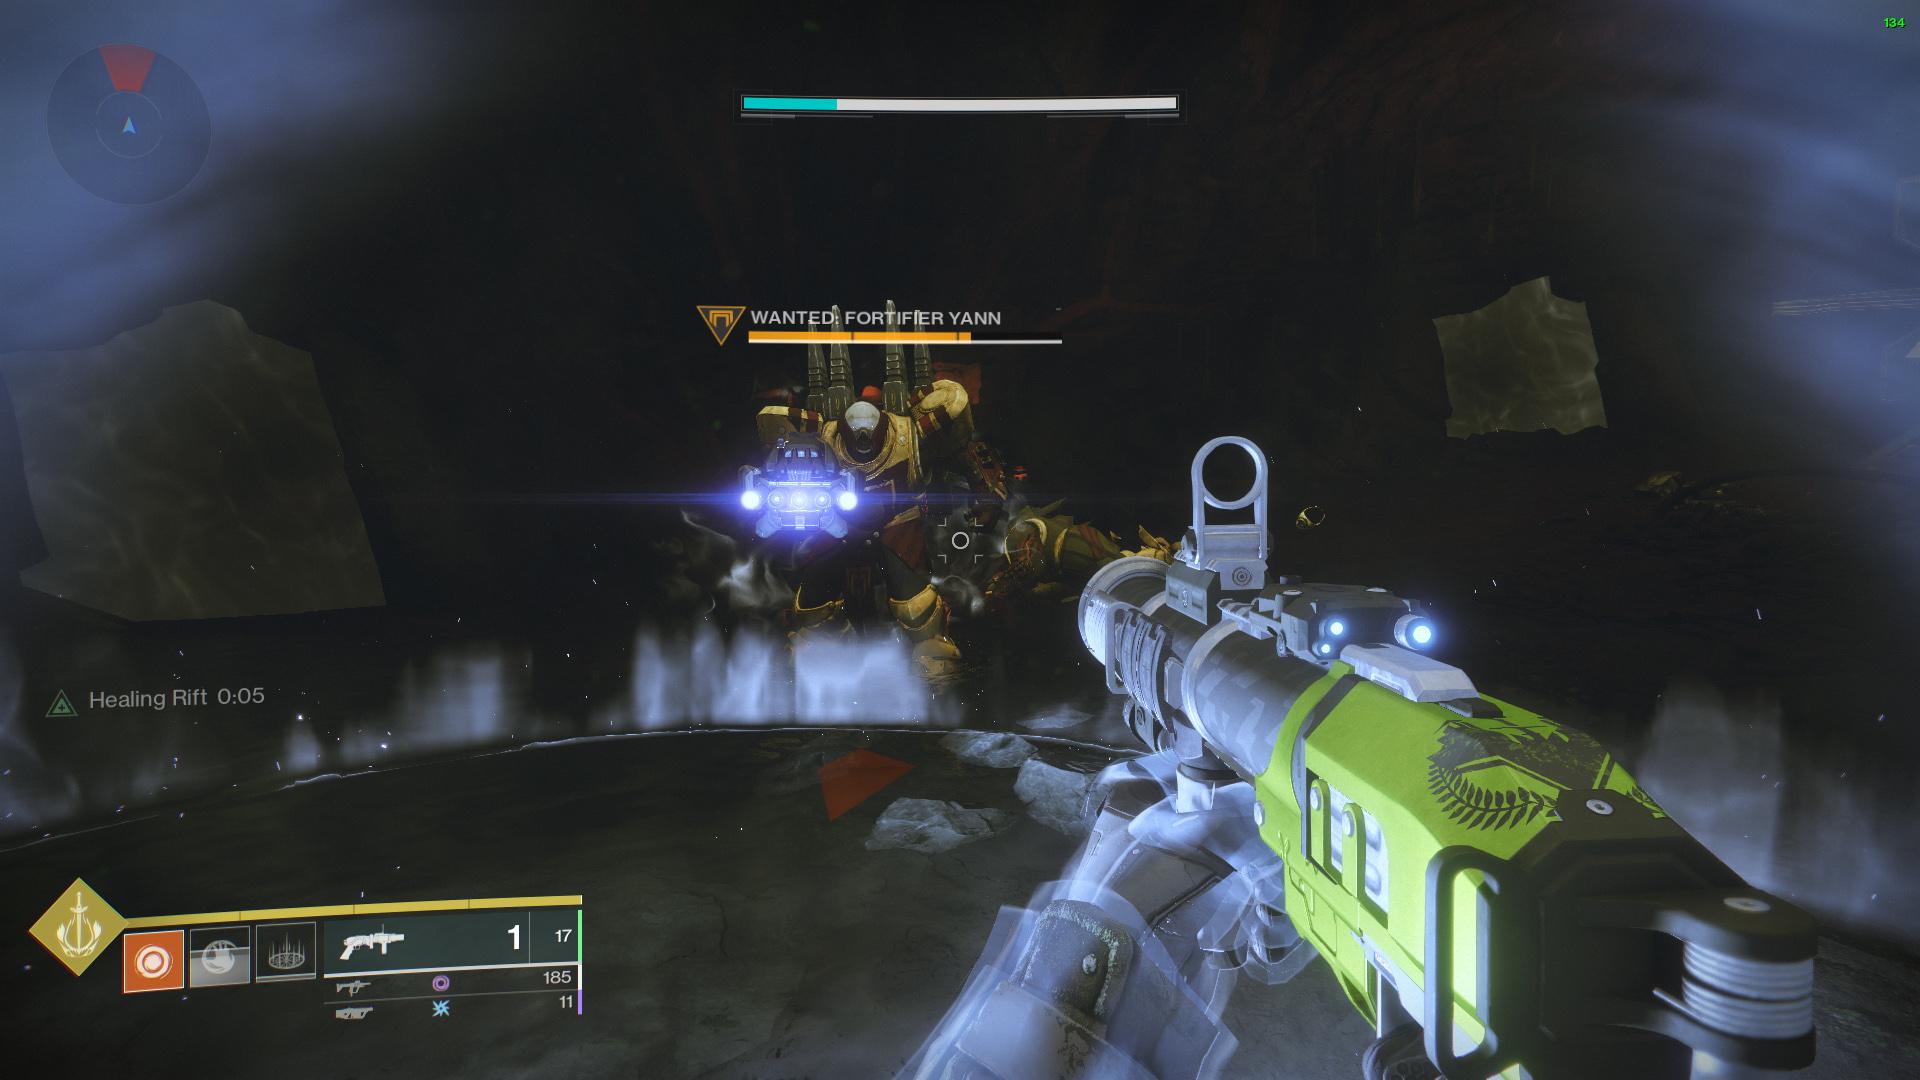 destiny 2 fortifier yann